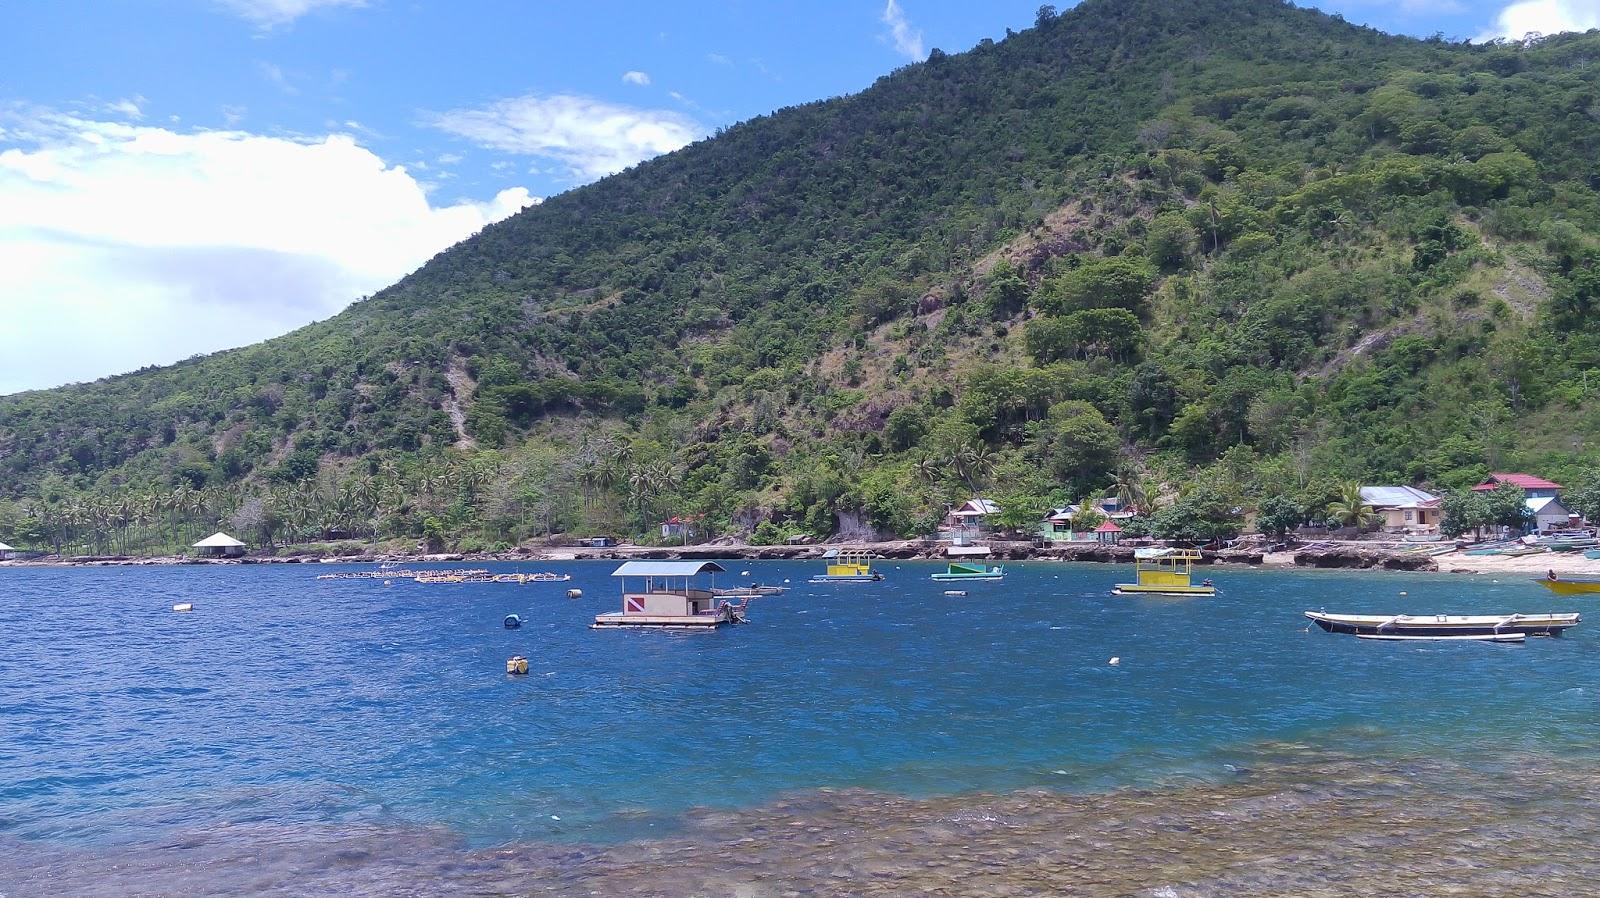 olele marine park in south coast of gorontalo